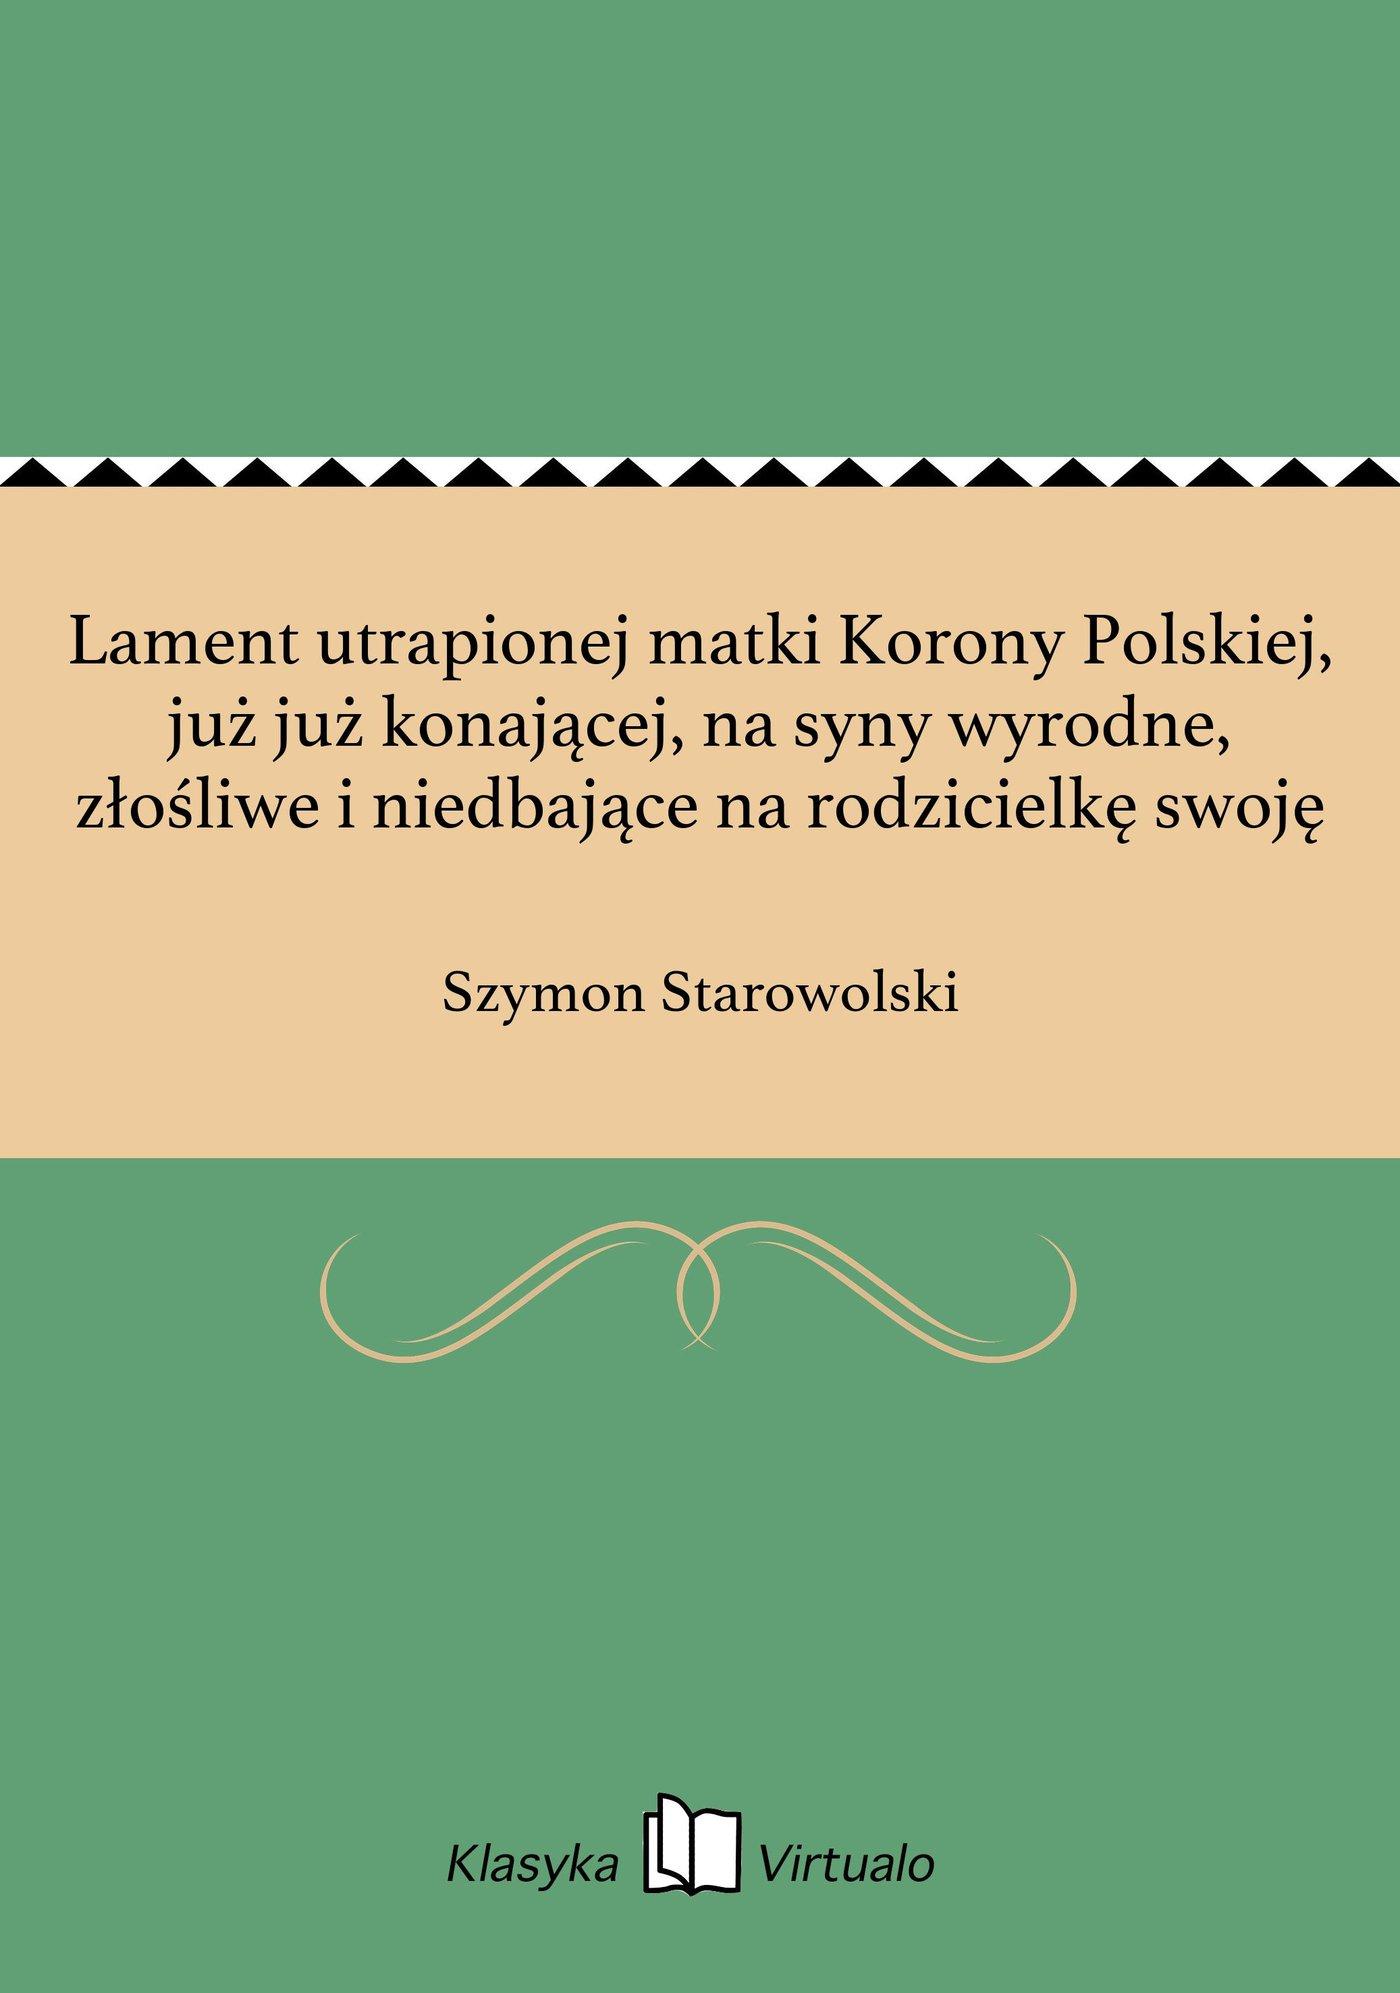 Lament utrapionej matki Korony Polskiej, już już konającej, na syny wyrodne, złośliwe i niedbające na rodzicielkę swoję - Ebook (Książka EPUB) do pobrania w formacie EPUB